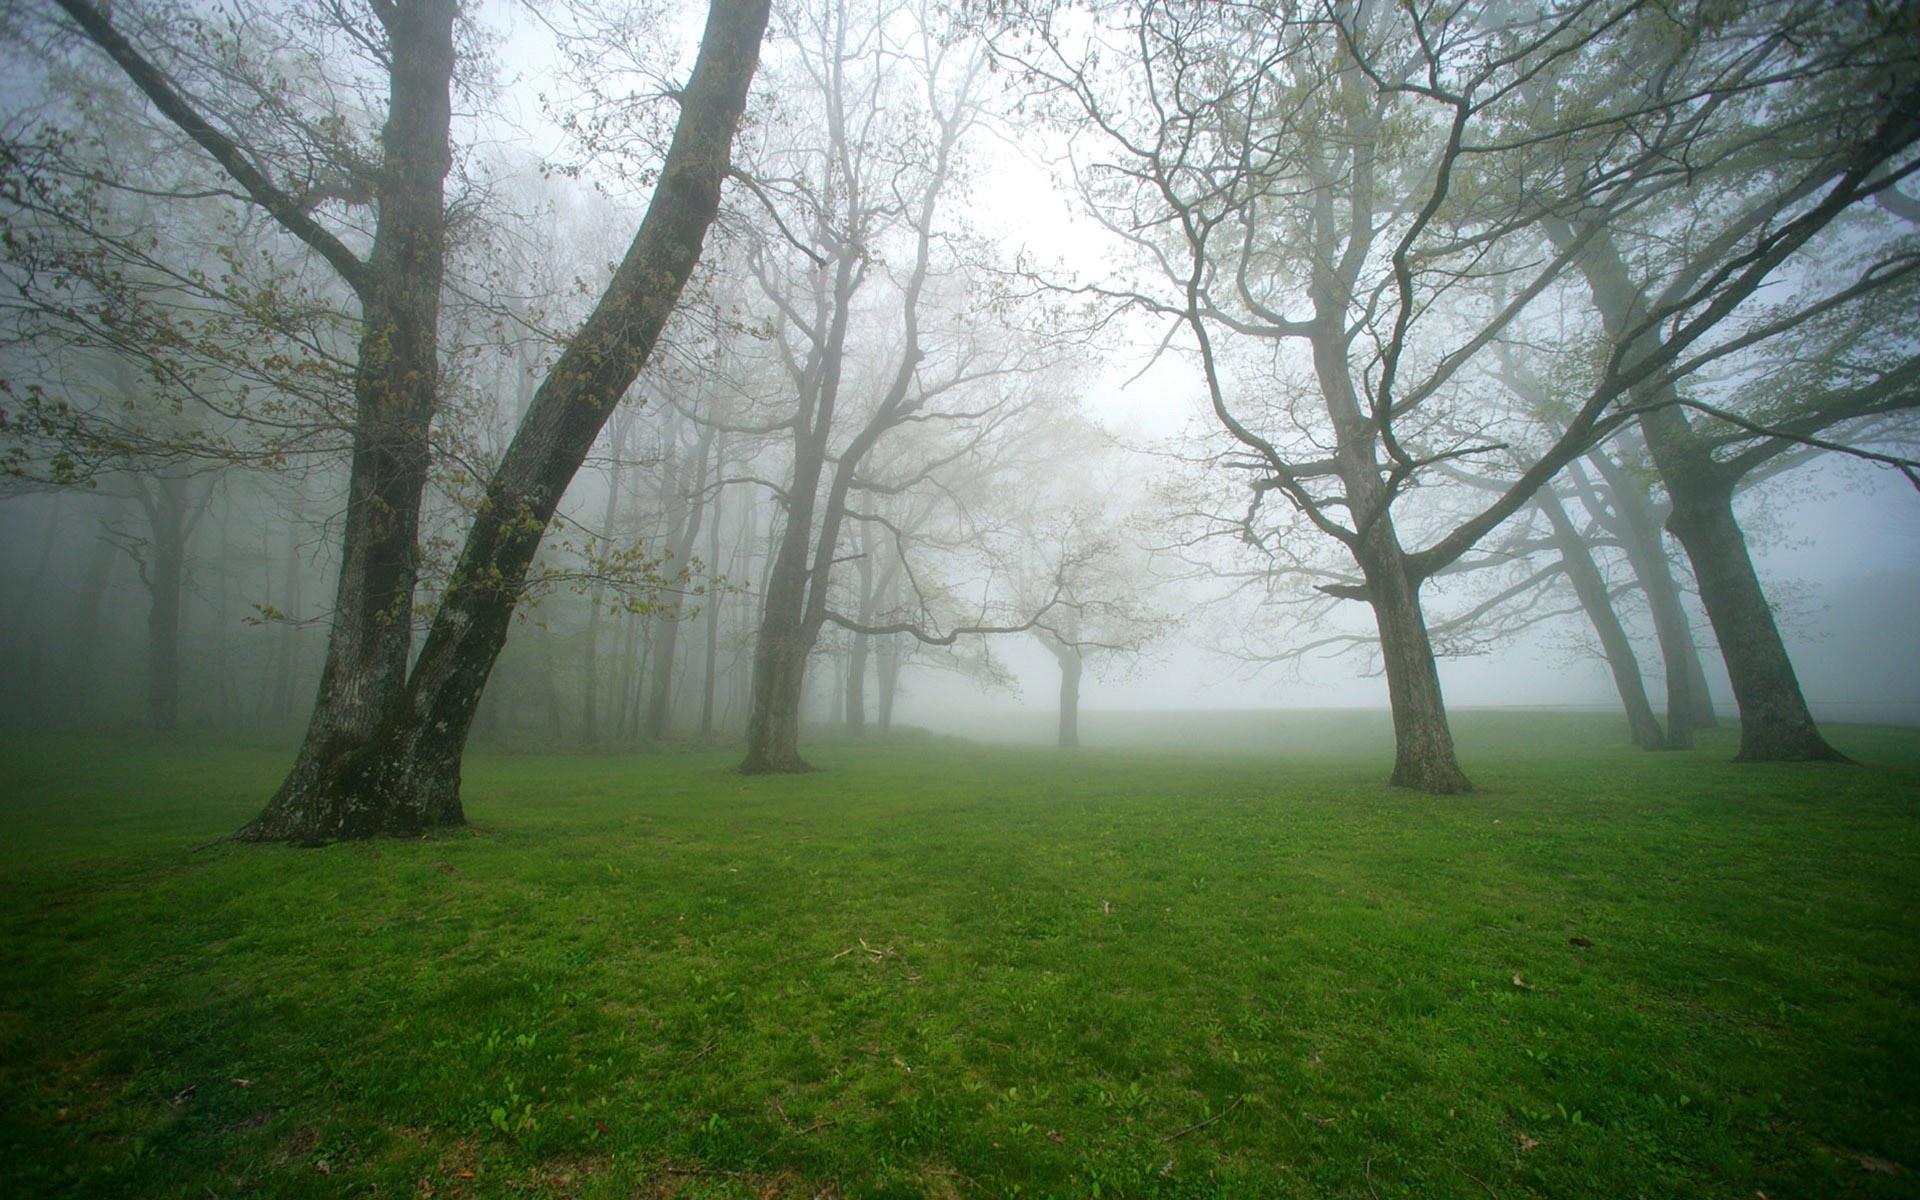 درختان مه آلود